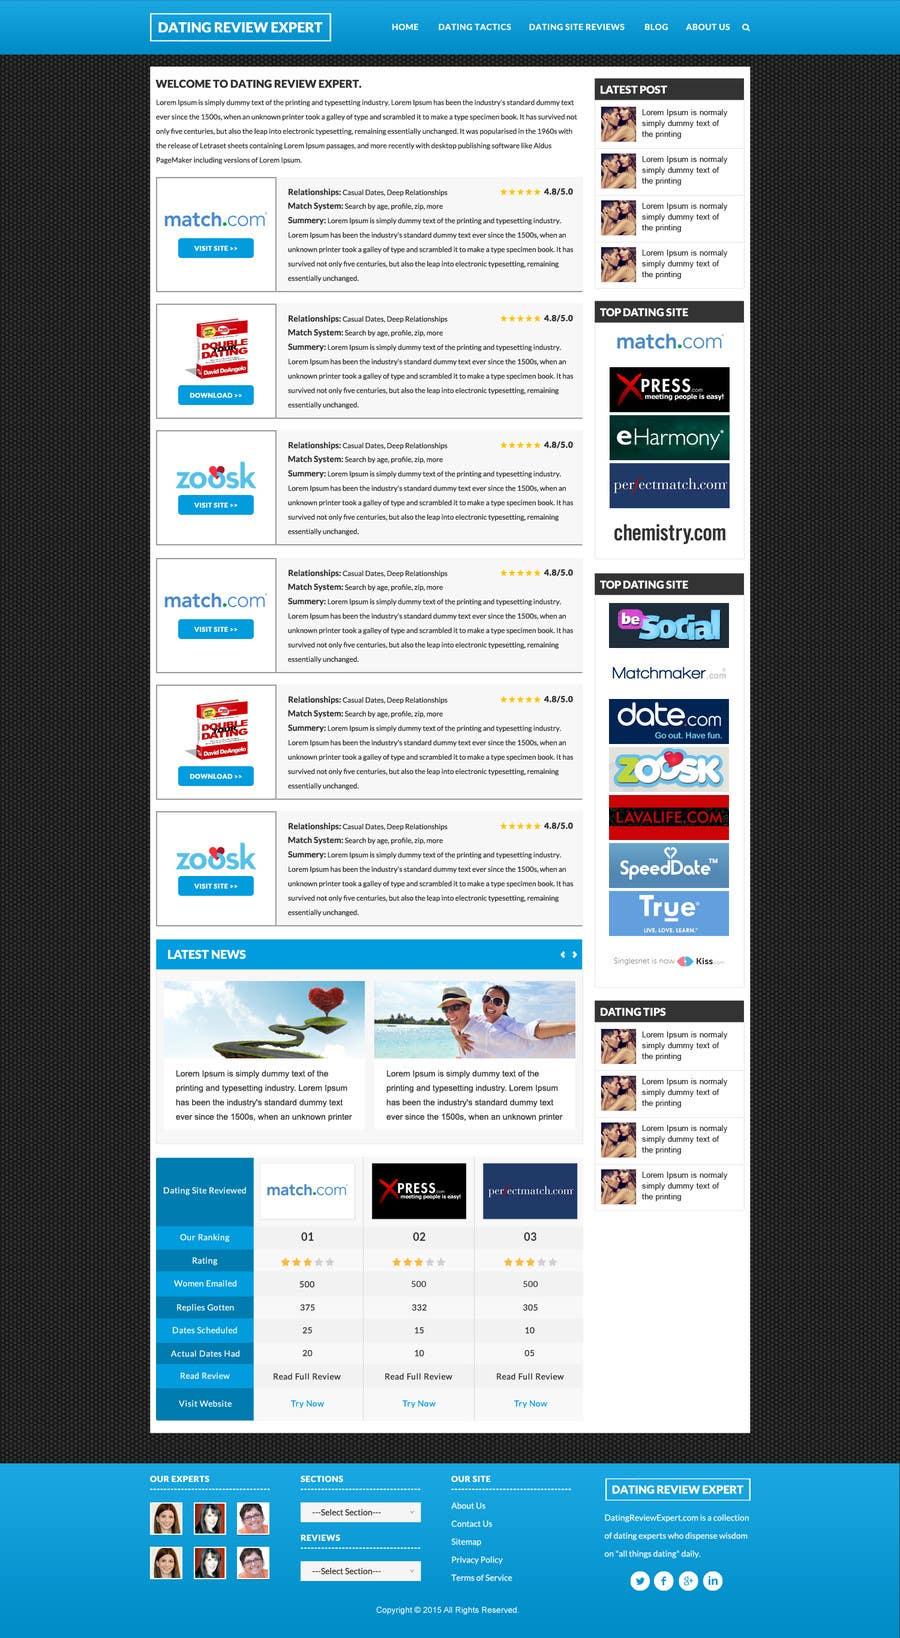 Konkurrenceindlæg #                                        15                                      for                                         Design a Dating Review Website